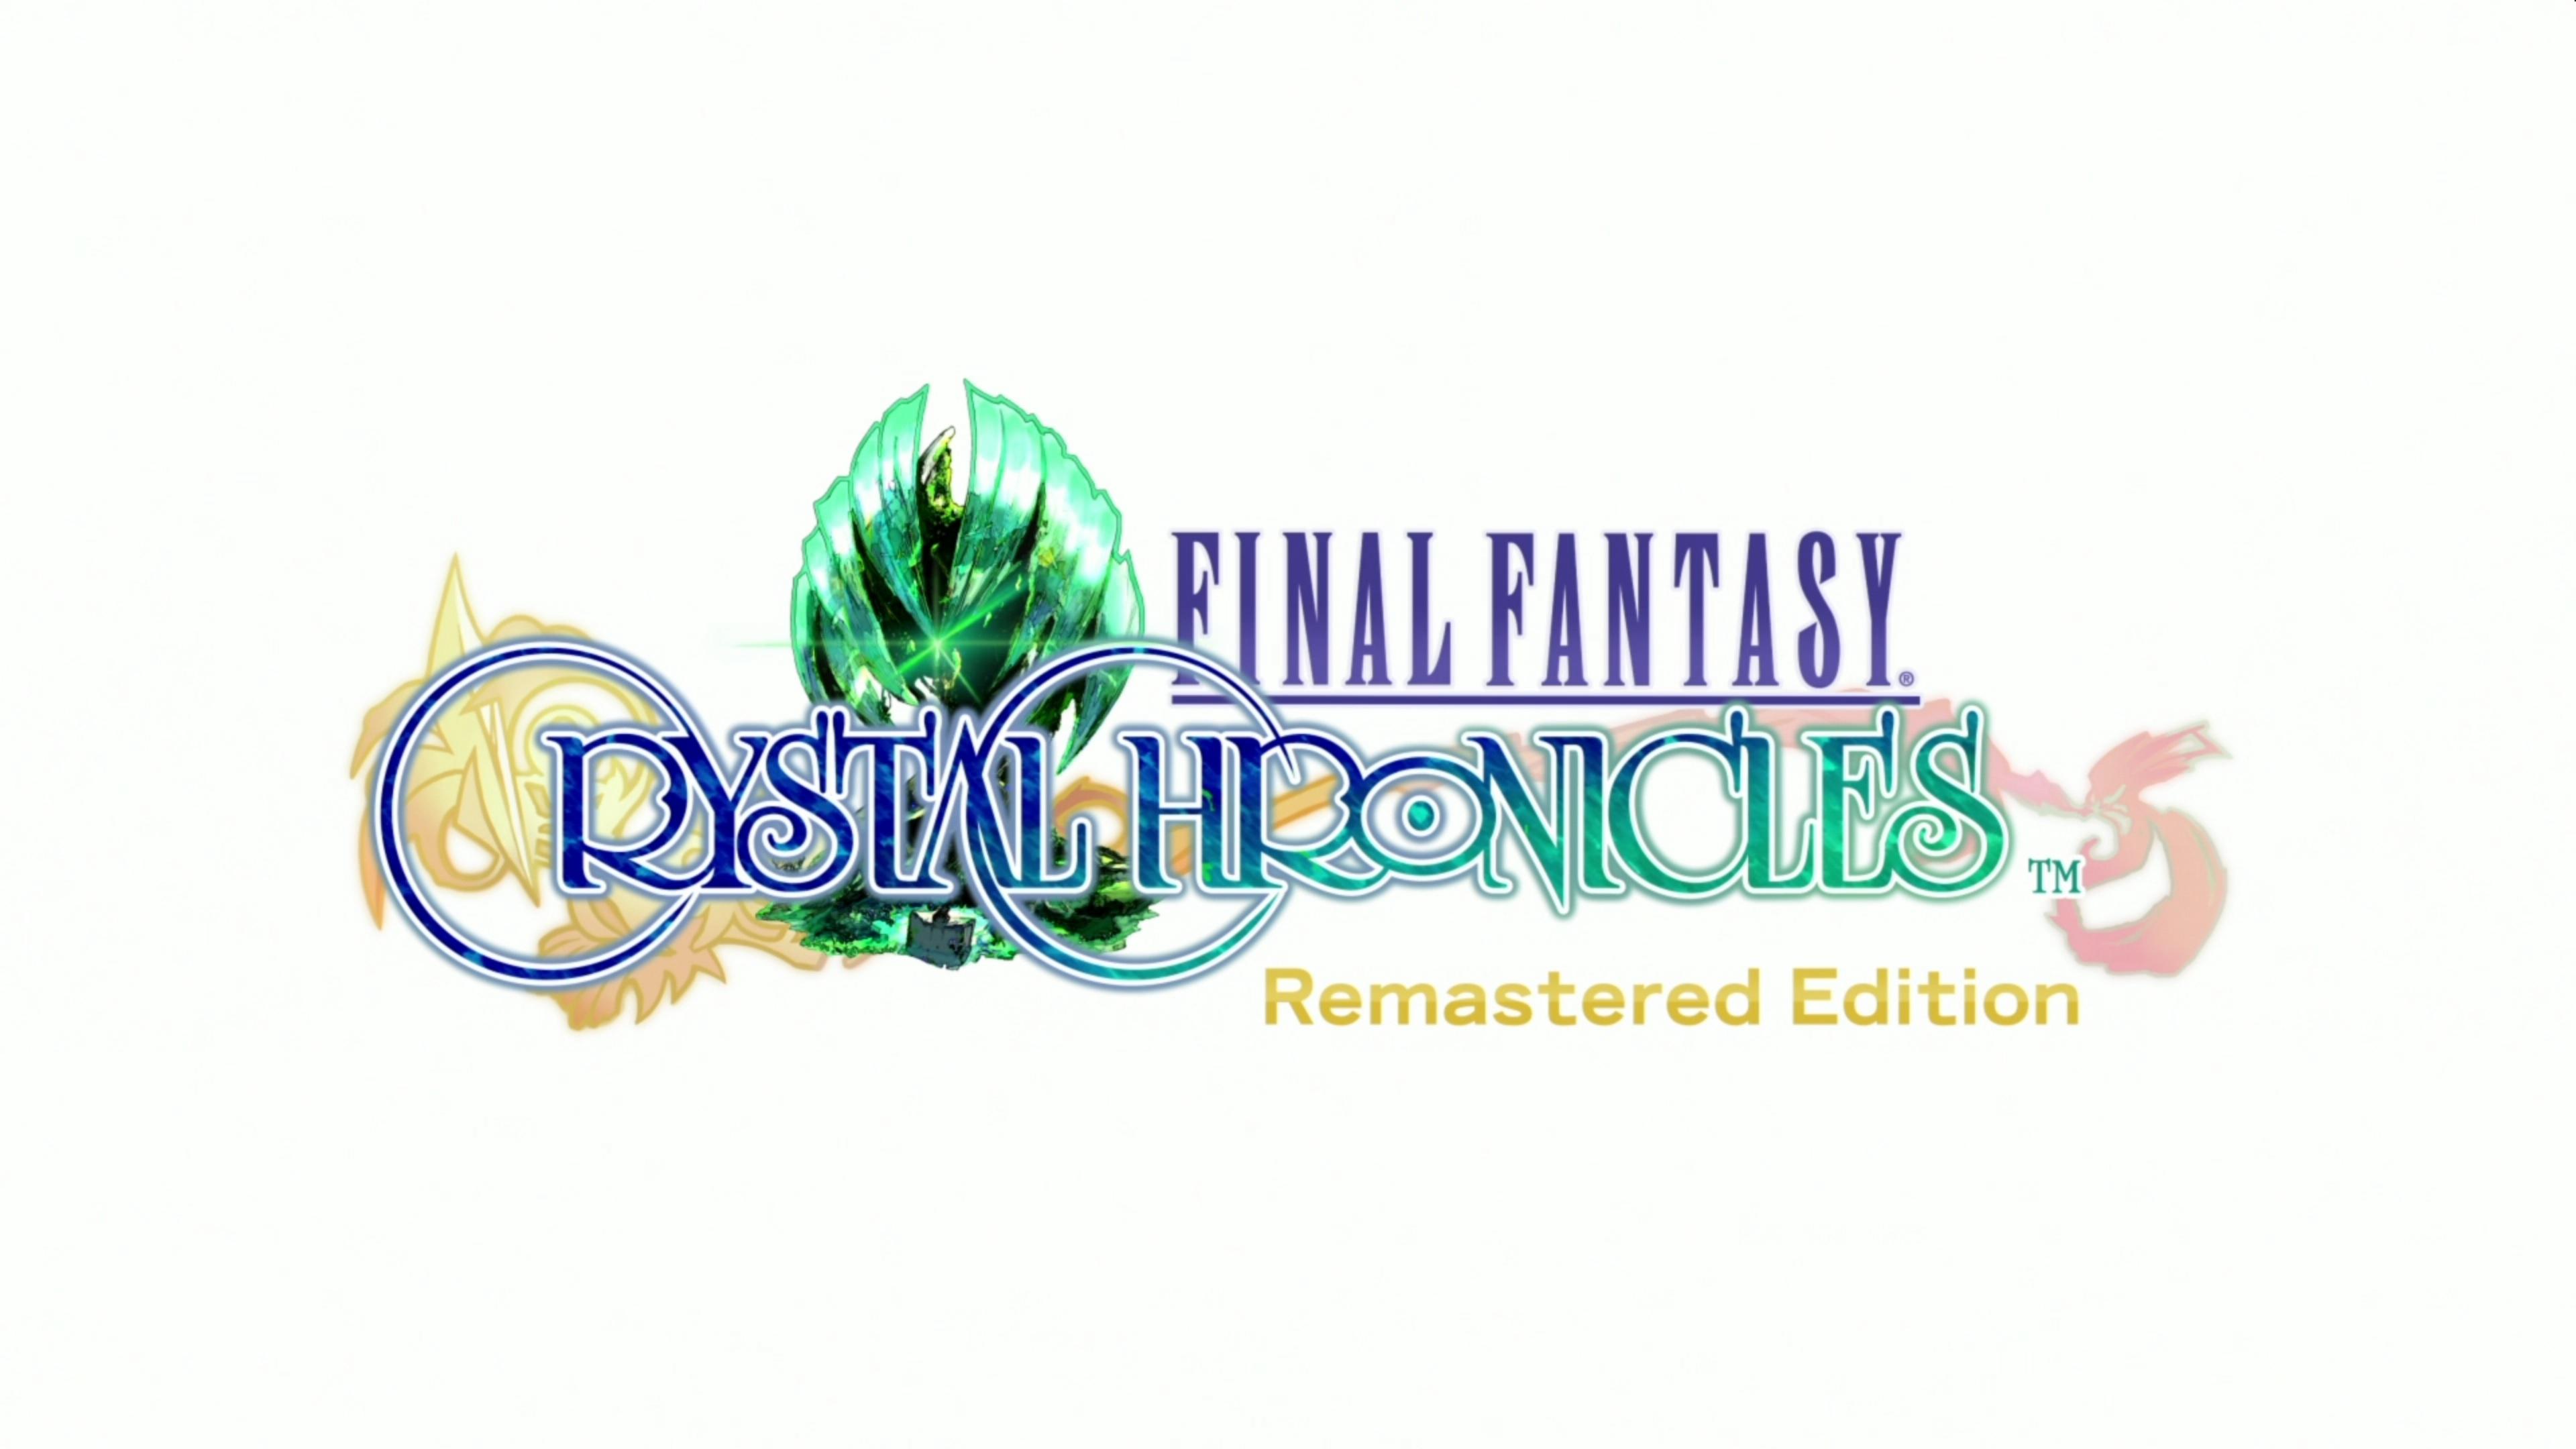 Japão: Porcentagem de vendas para o primeiro dia de Final Fantasy Crystal Chronicles Remastered Edition e Captain Tsubasa: Rise of New Champions